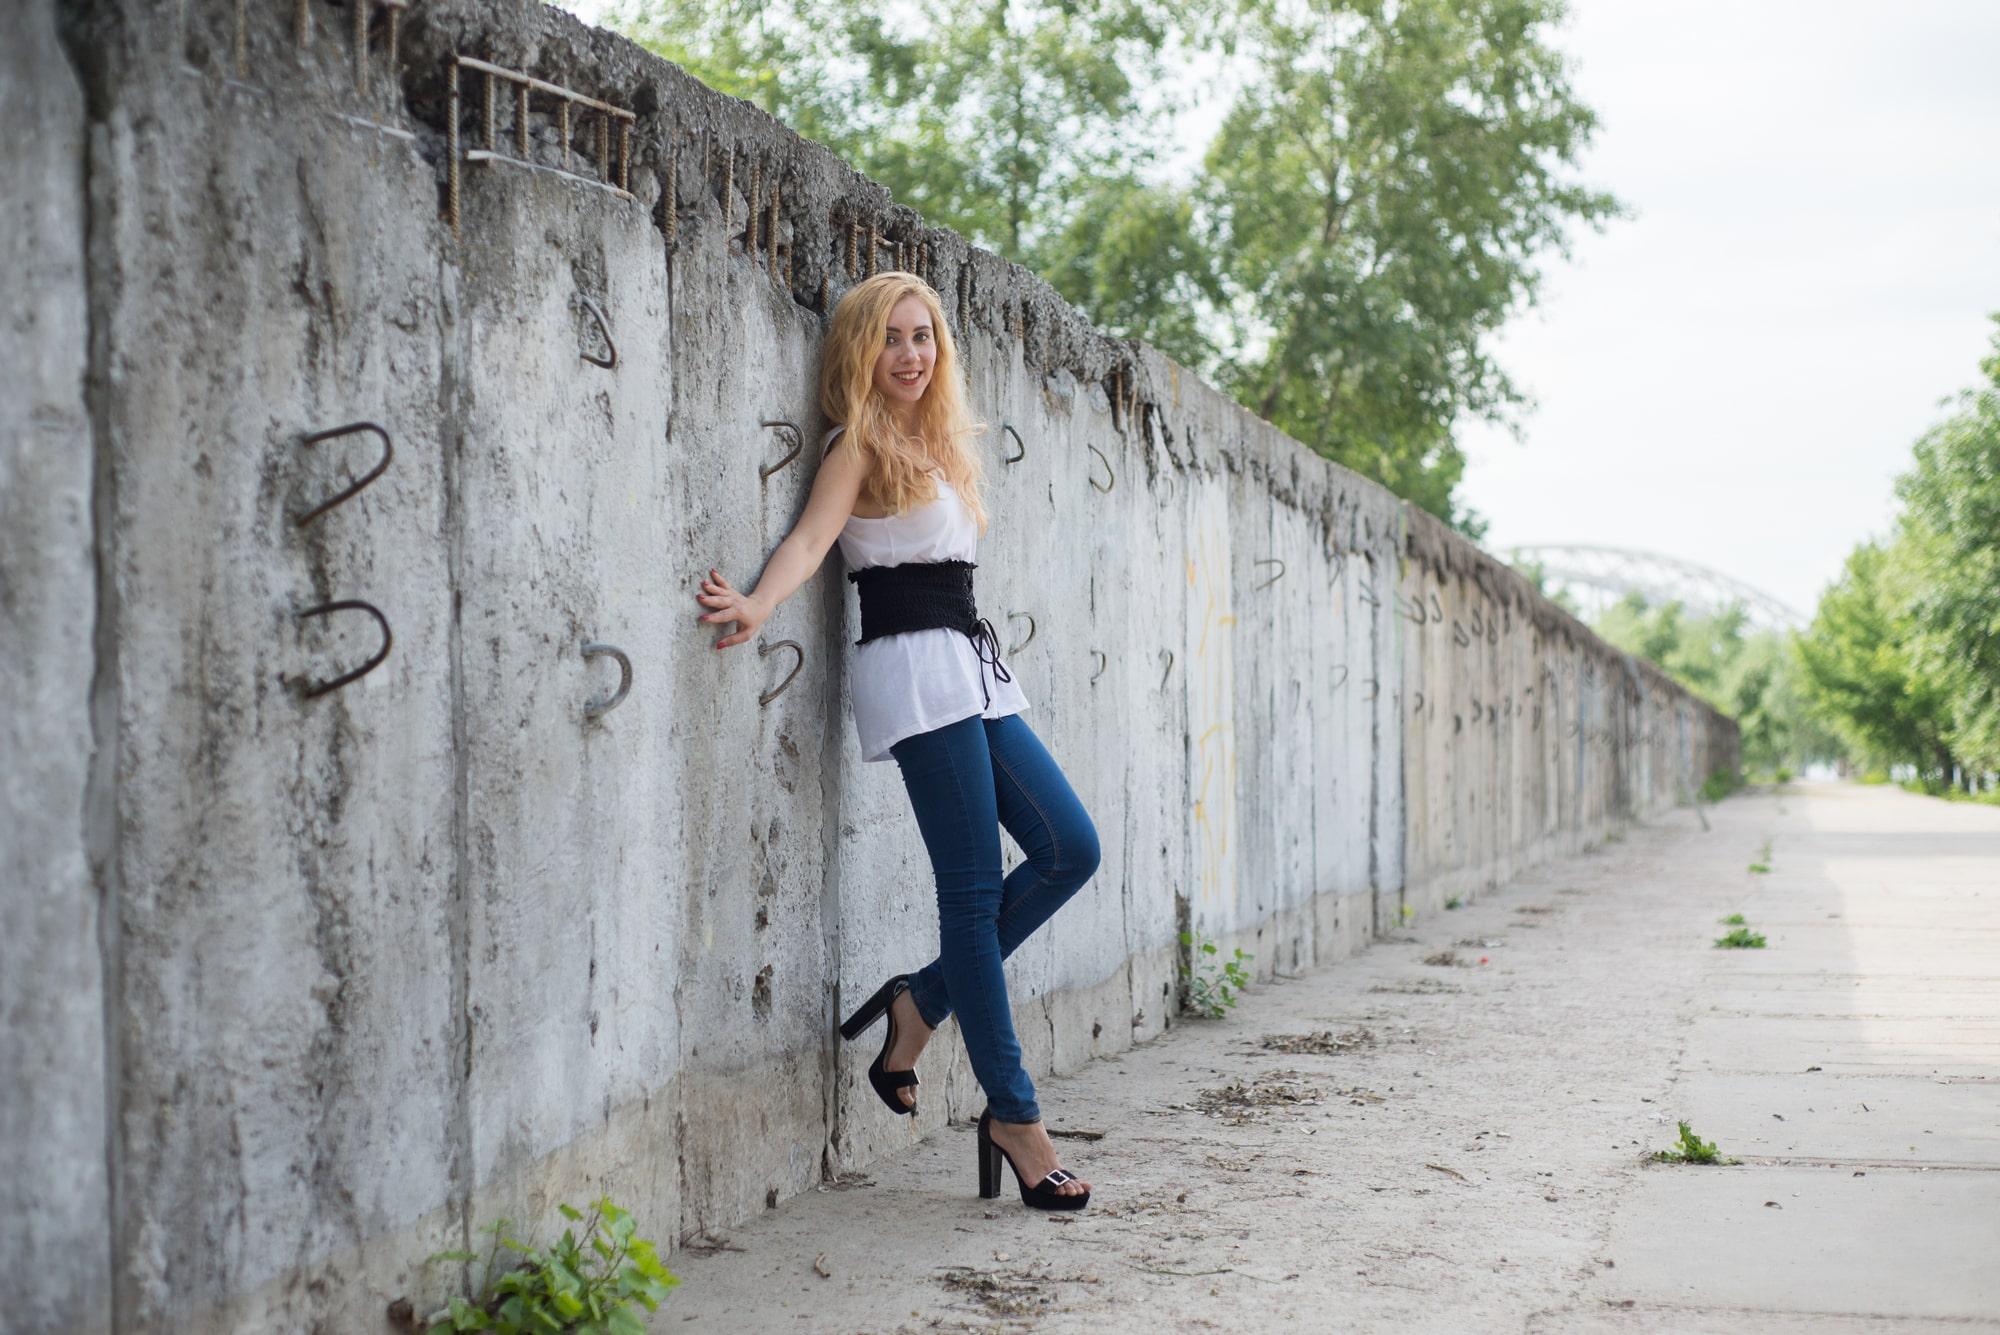 Фото возле стены - Фотограф Женя Лайт